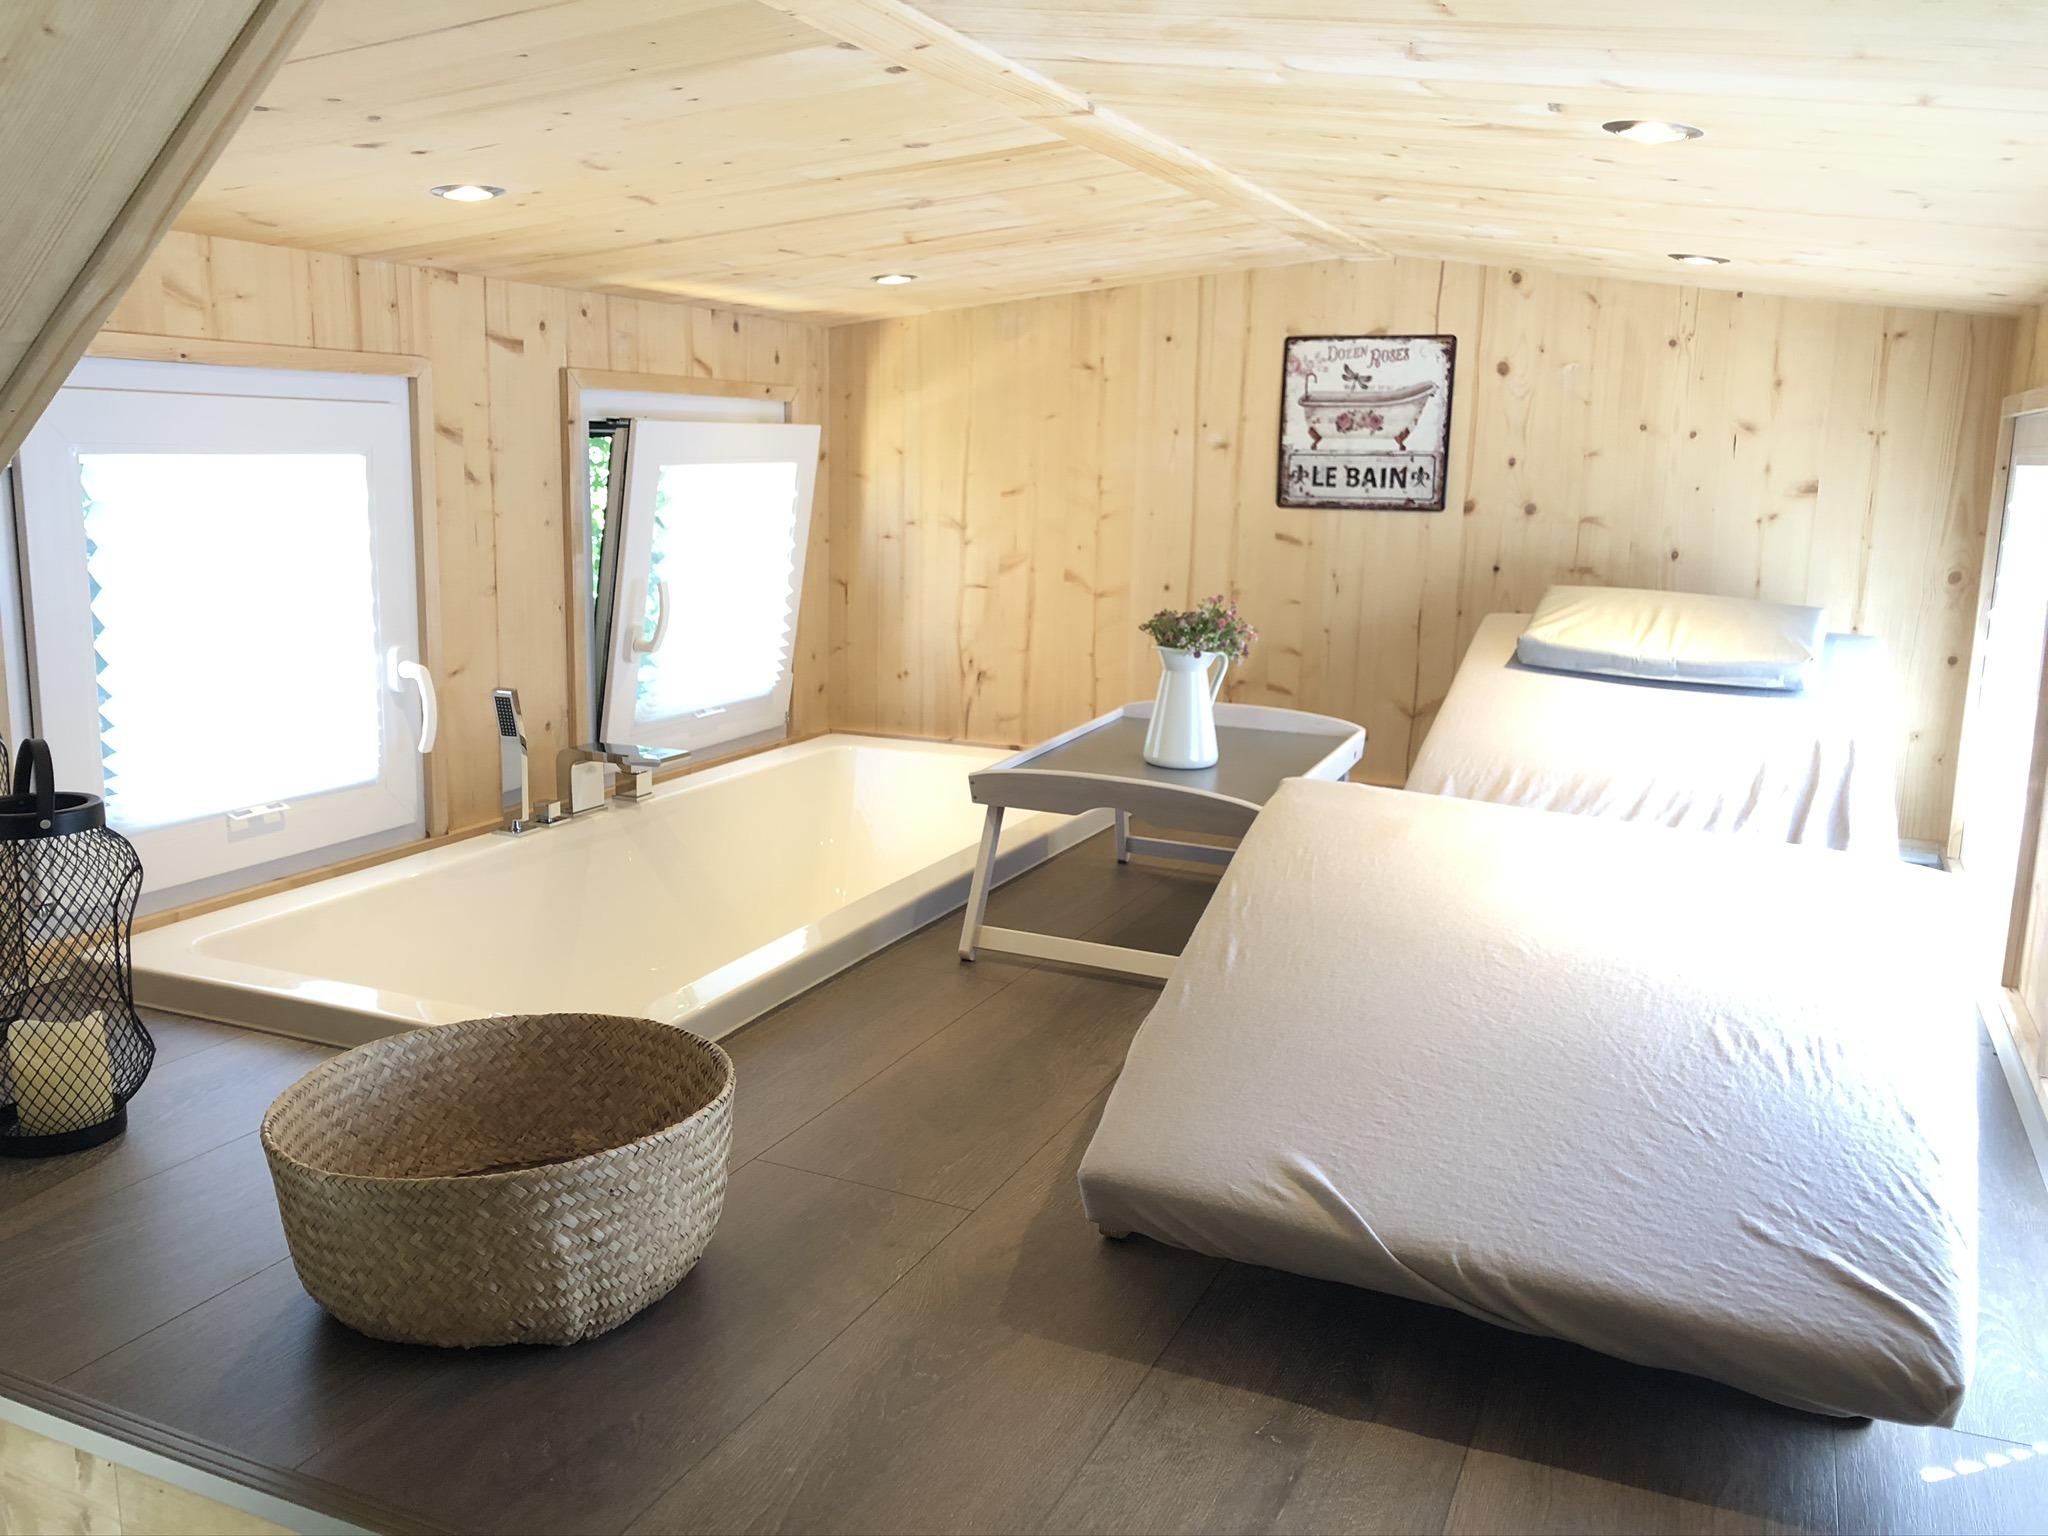 Der Wellness-Bereich unterm Dach mit Badewanne und Spa-Liege